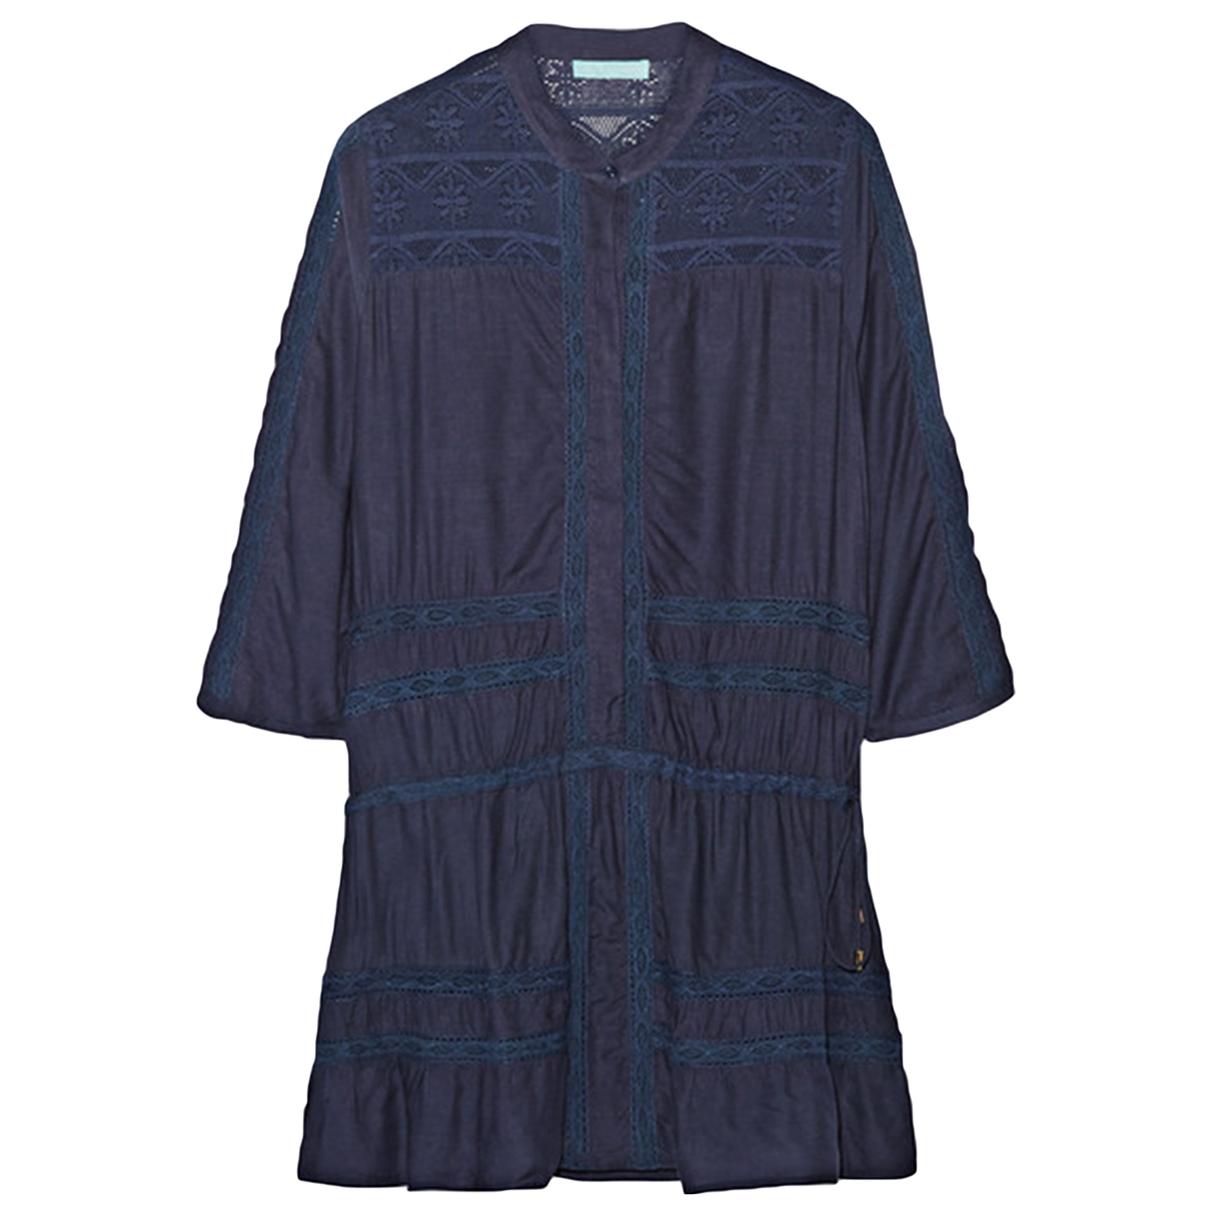 Melissa Odabash \N Navy dress for Women S International